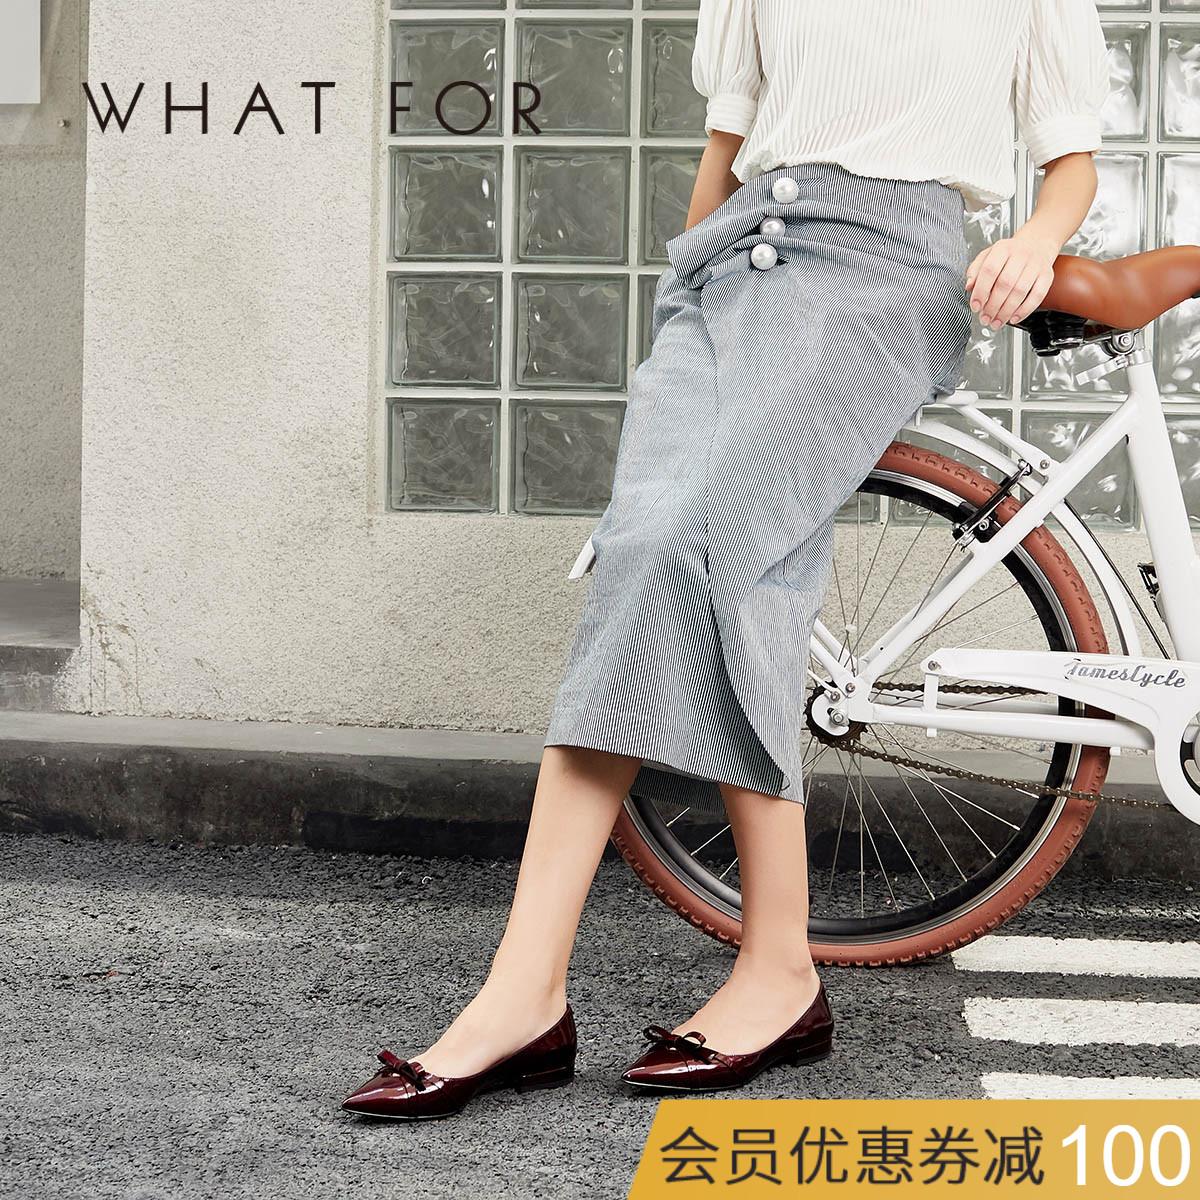 WHAT FOR2018秋季新款羊漆皮蝴蝶结浅口纯色尖头时尚低跟女单鞋